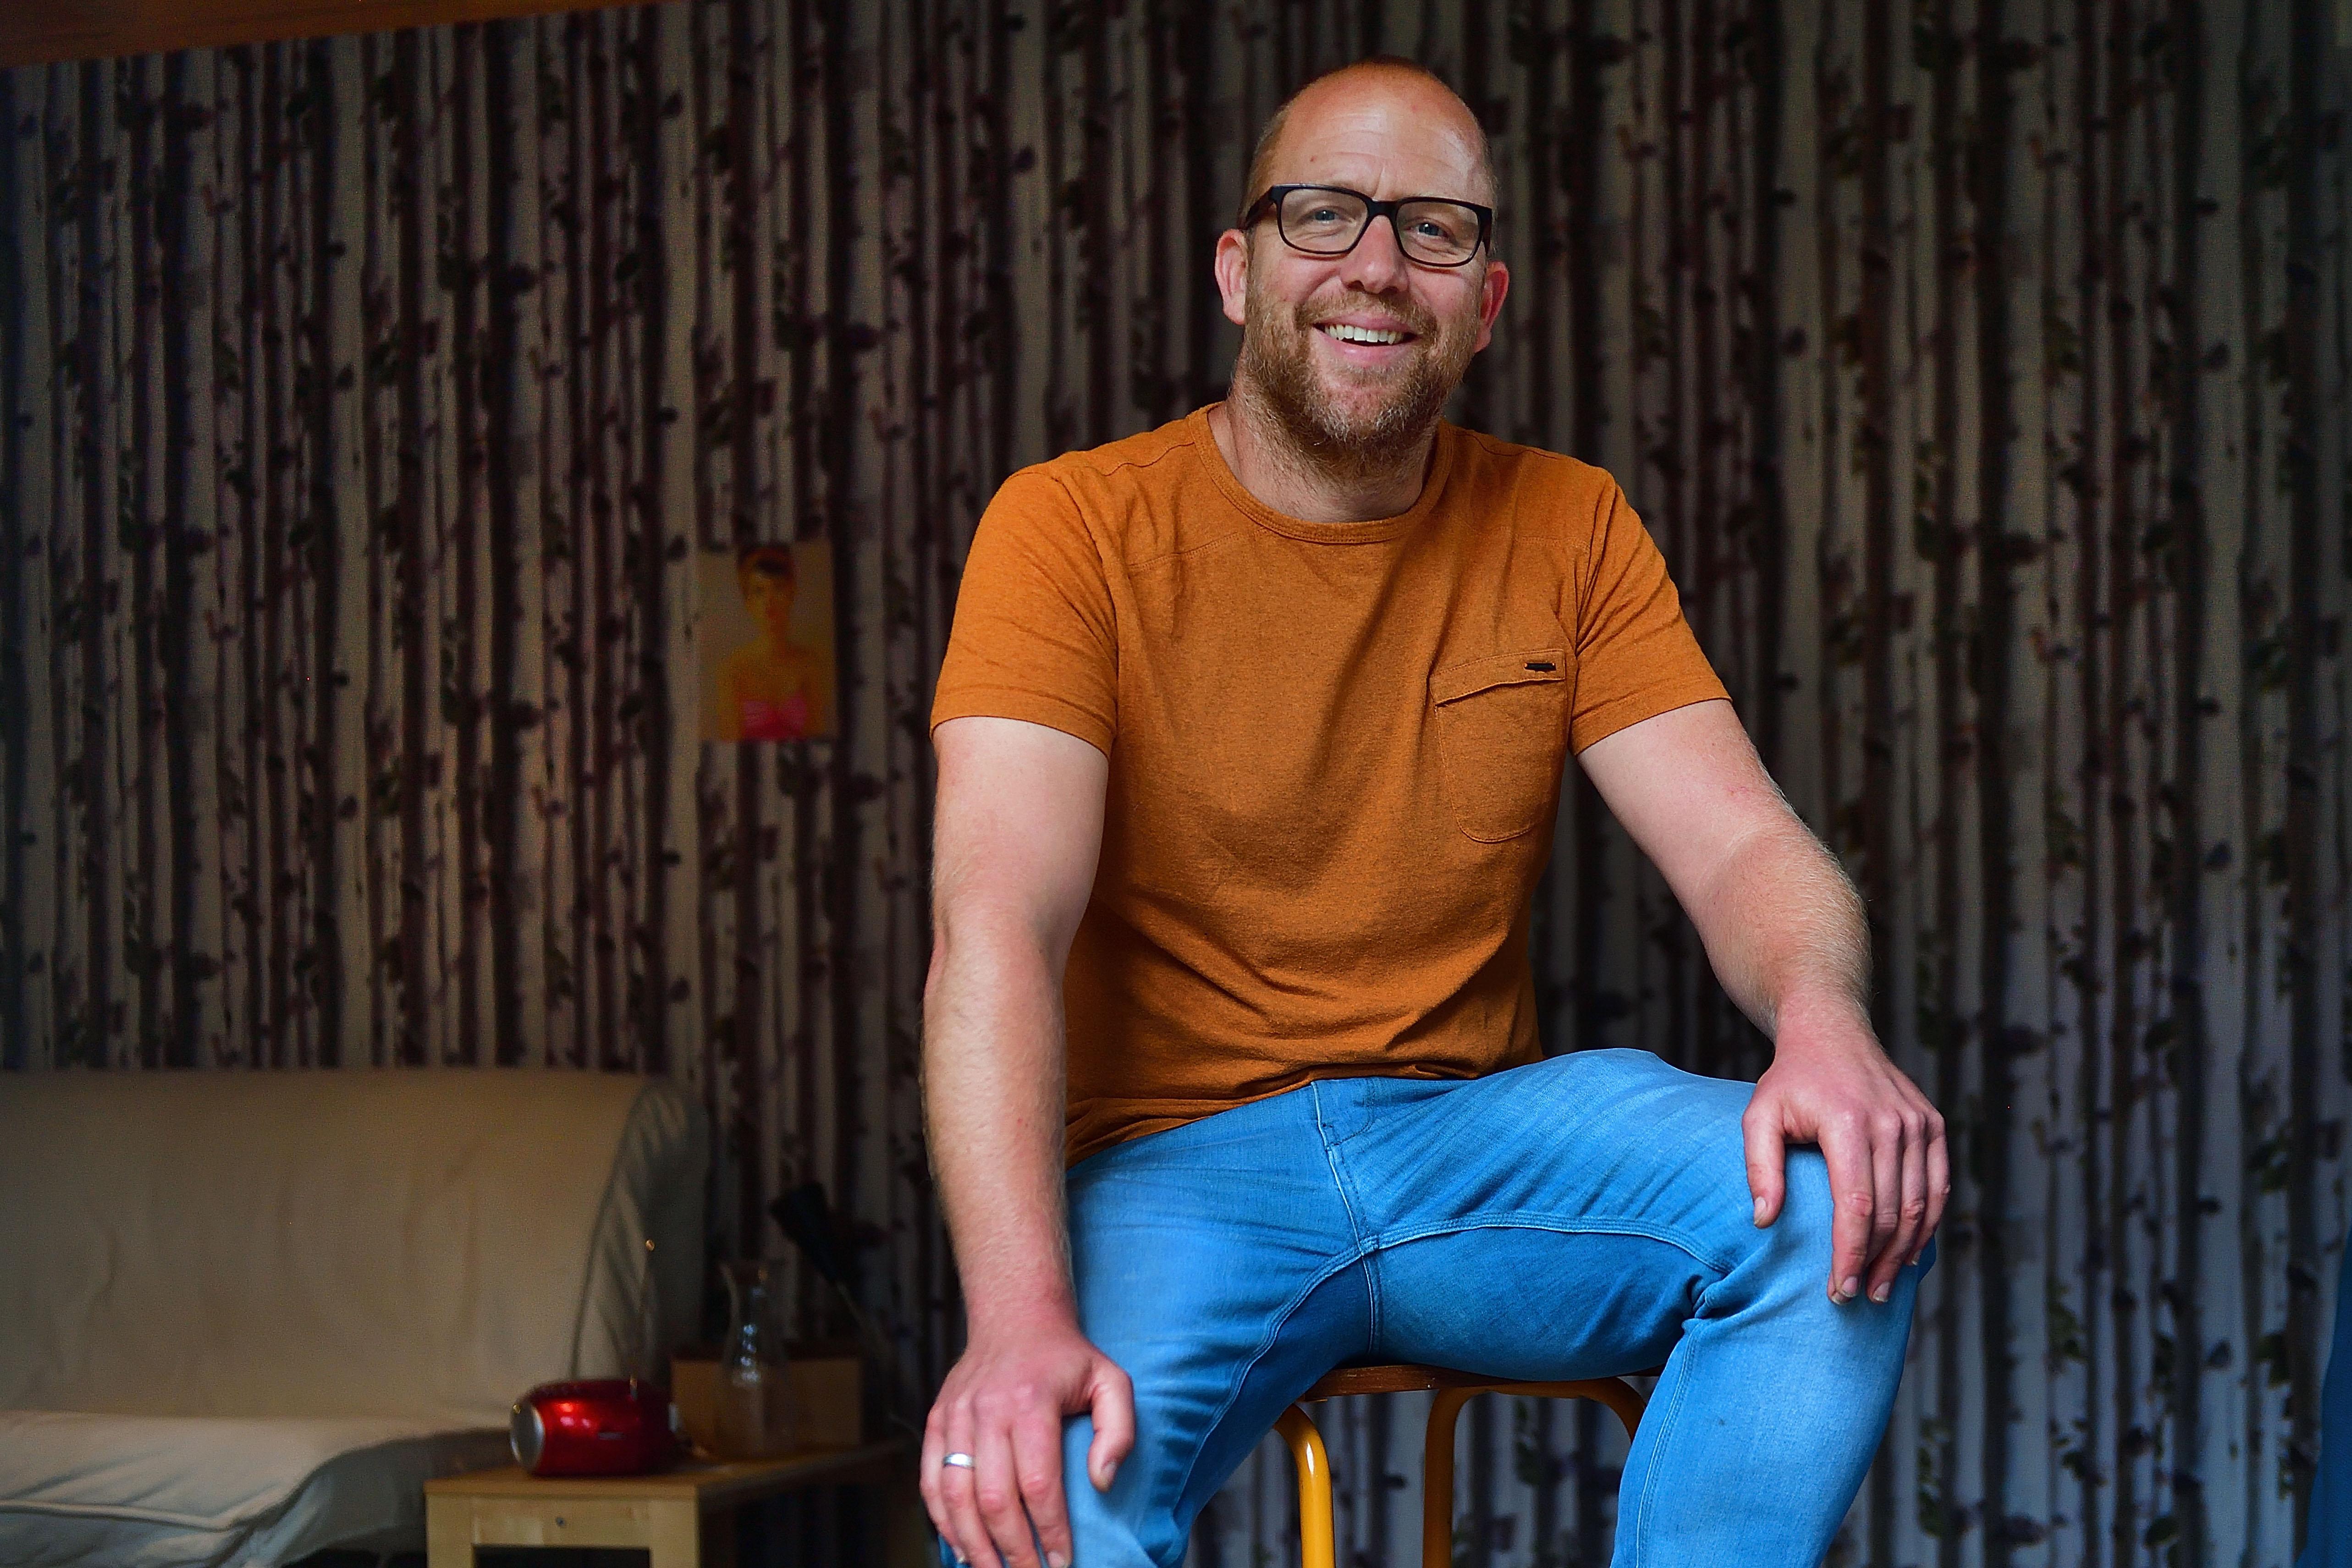 Op safari in West-Brabant: Beroepennavigatie brengt Marijn van stenen naar mensen